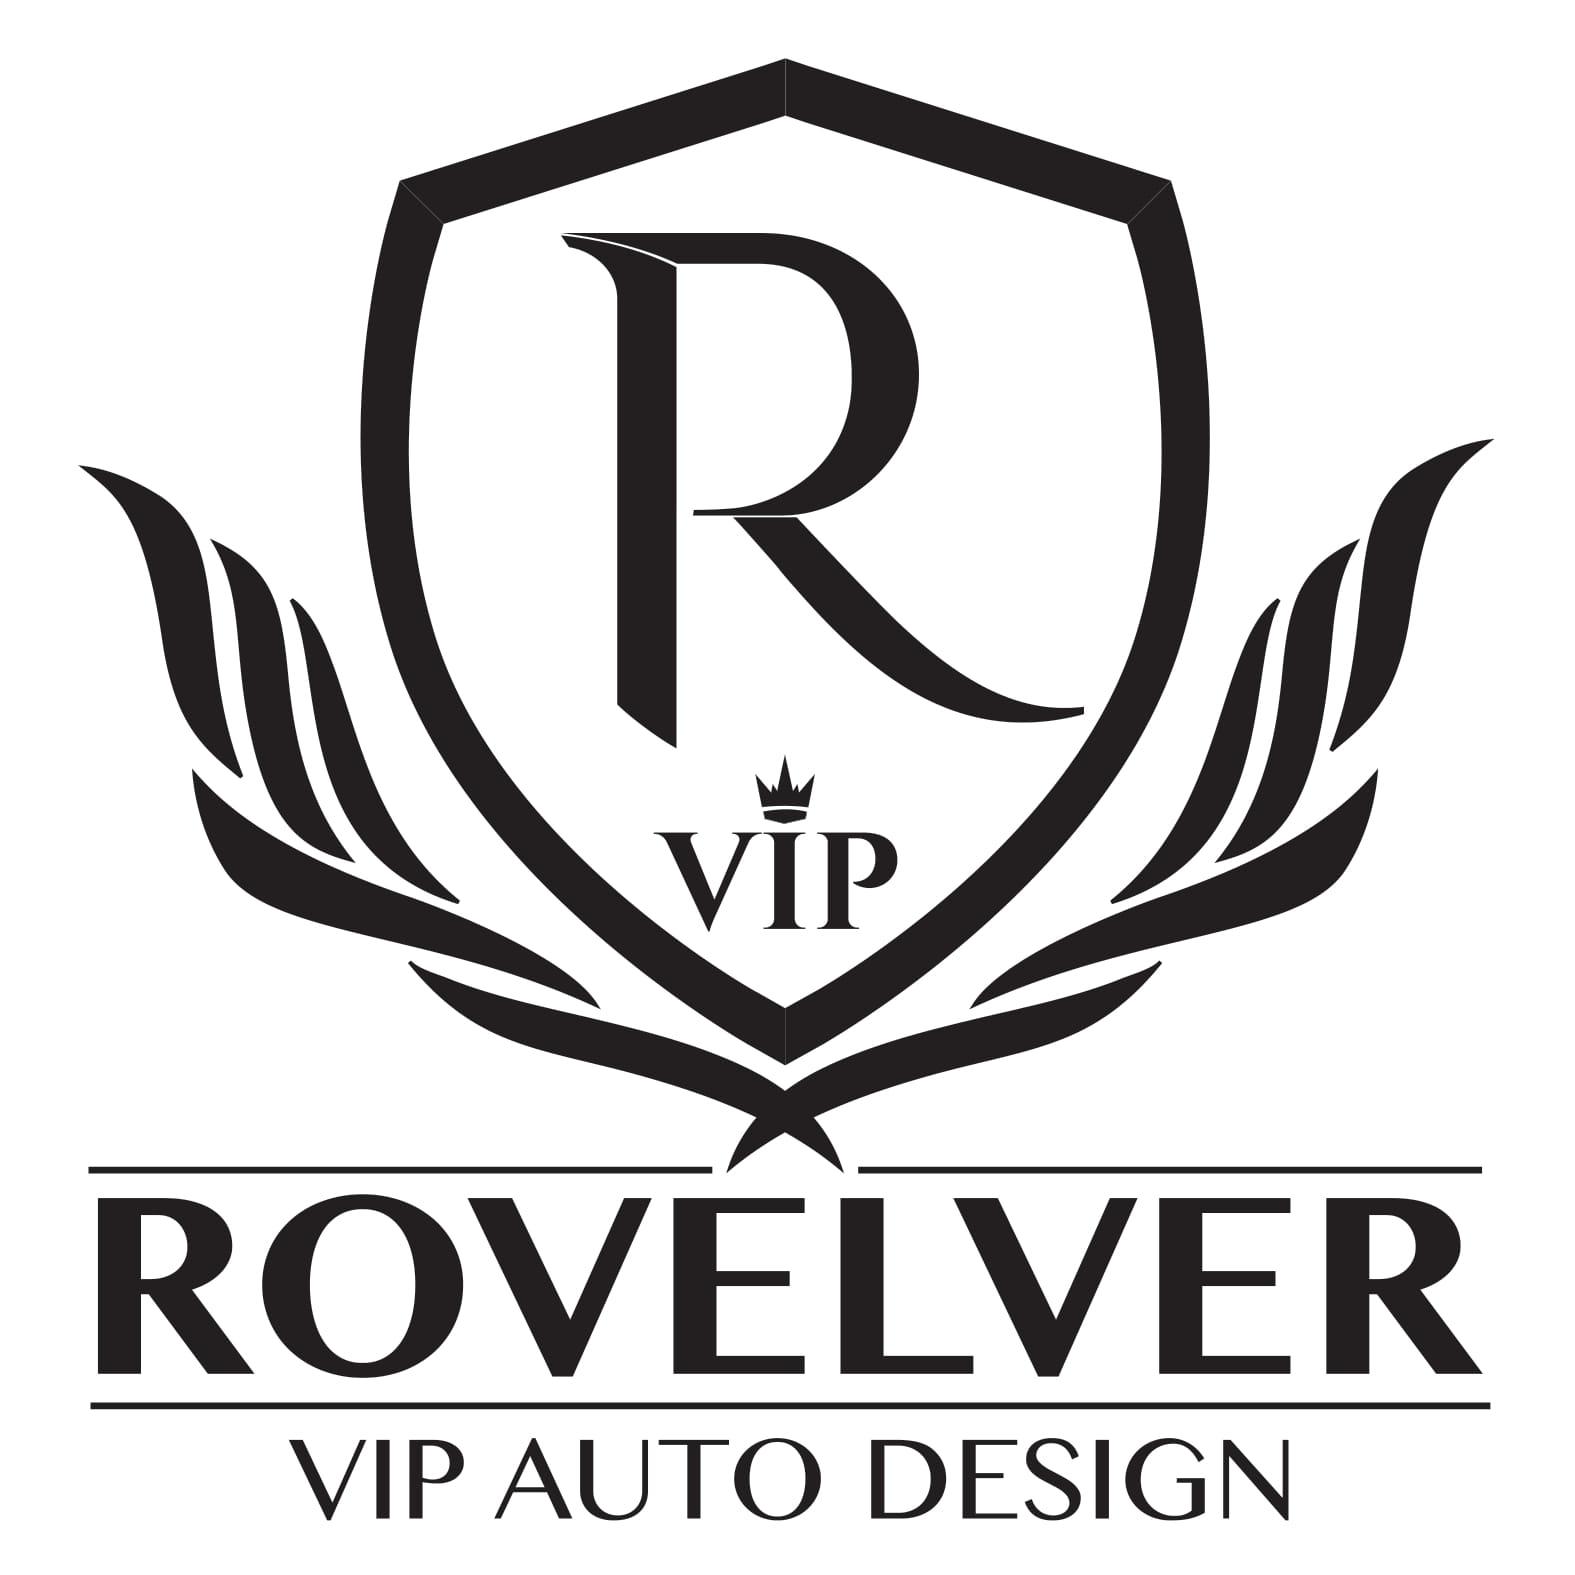 ROVELVER VIP AUTO DESIGN